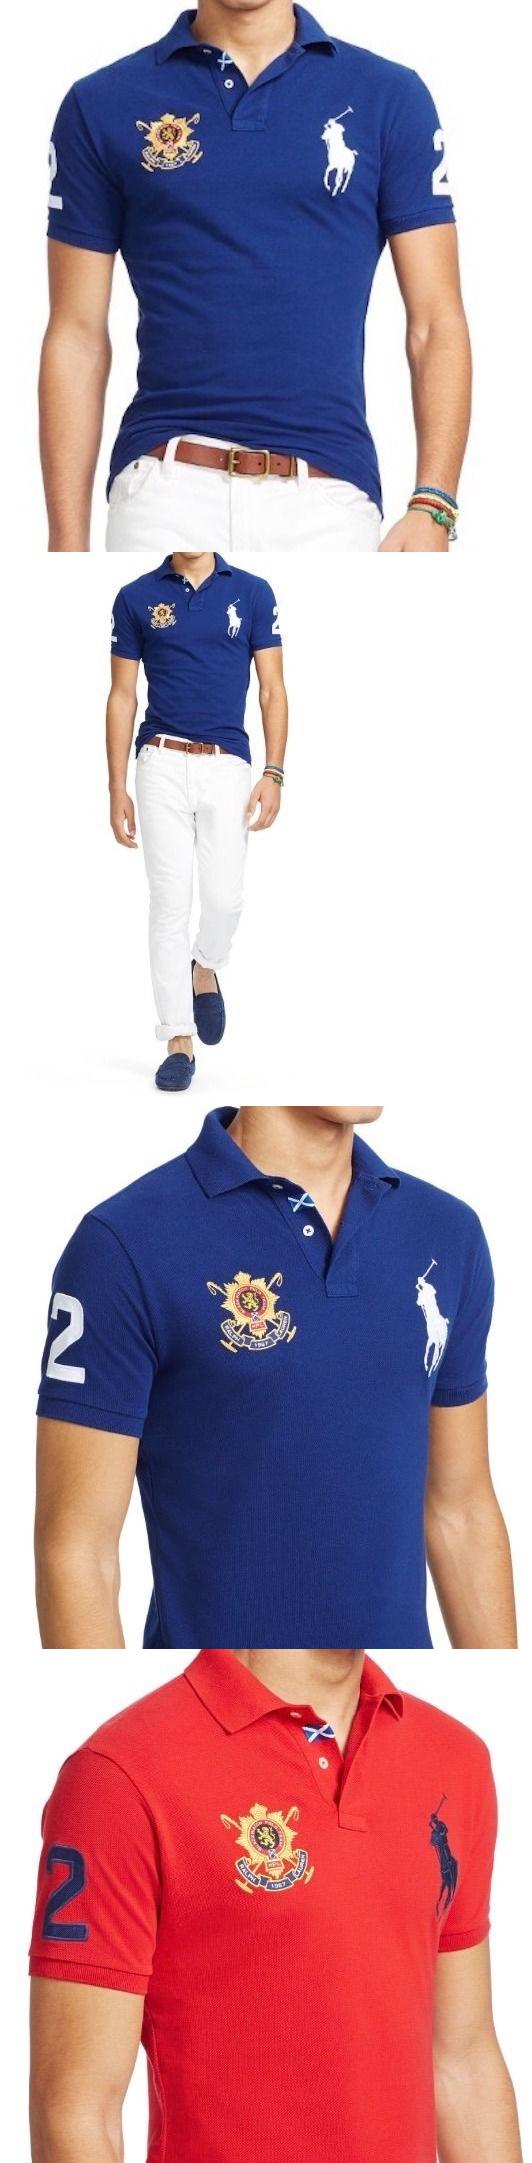 92a77de35 Mens Ralph Lauren T Shirts Ebay Uk